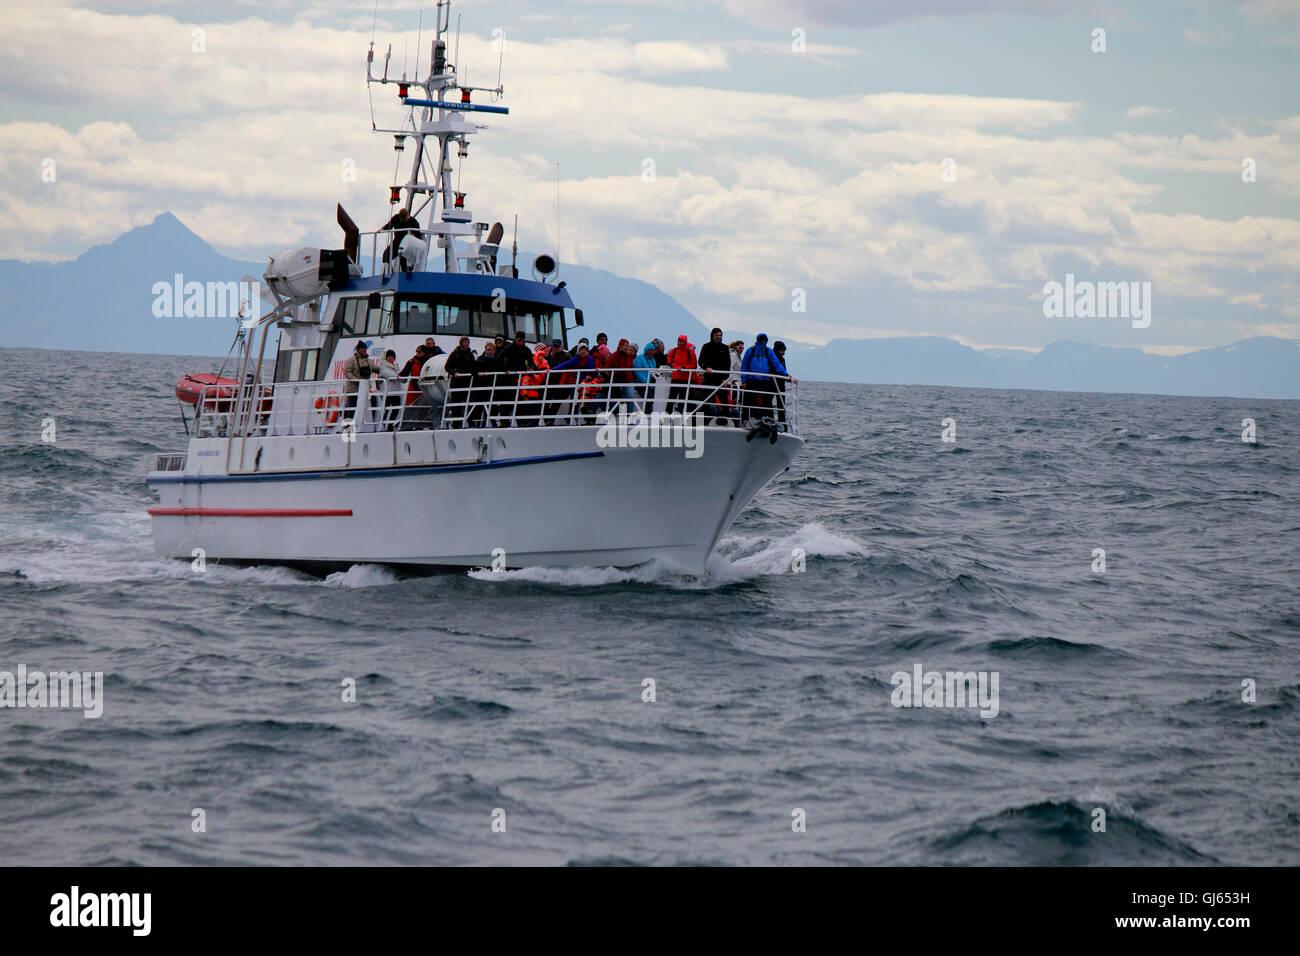 Impressionen: Boot zur Walbeobachtung, Nordmeer, Andenes, Vesteralen, Norwegen. Imagen De Stock